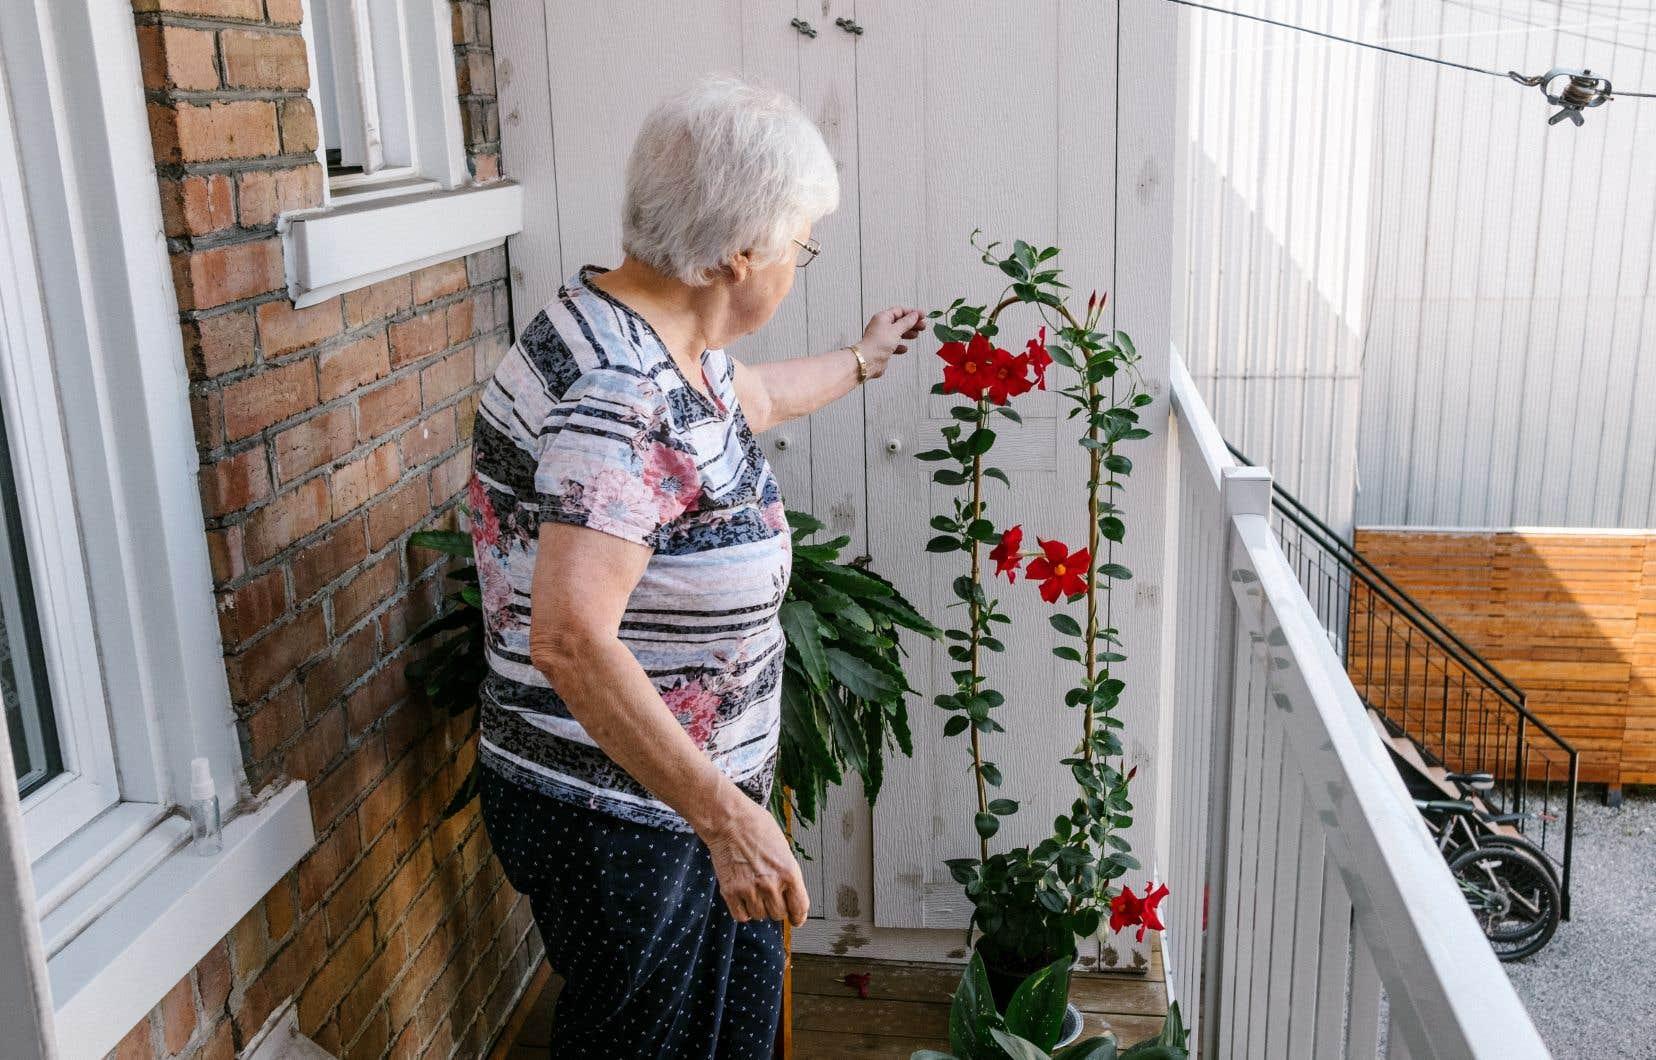 Selon quelques enquêtes épidémiologiques, oui, les aînés sont bel et bien susceptibles d'être des porteurs asymptomatiques de la maladie.